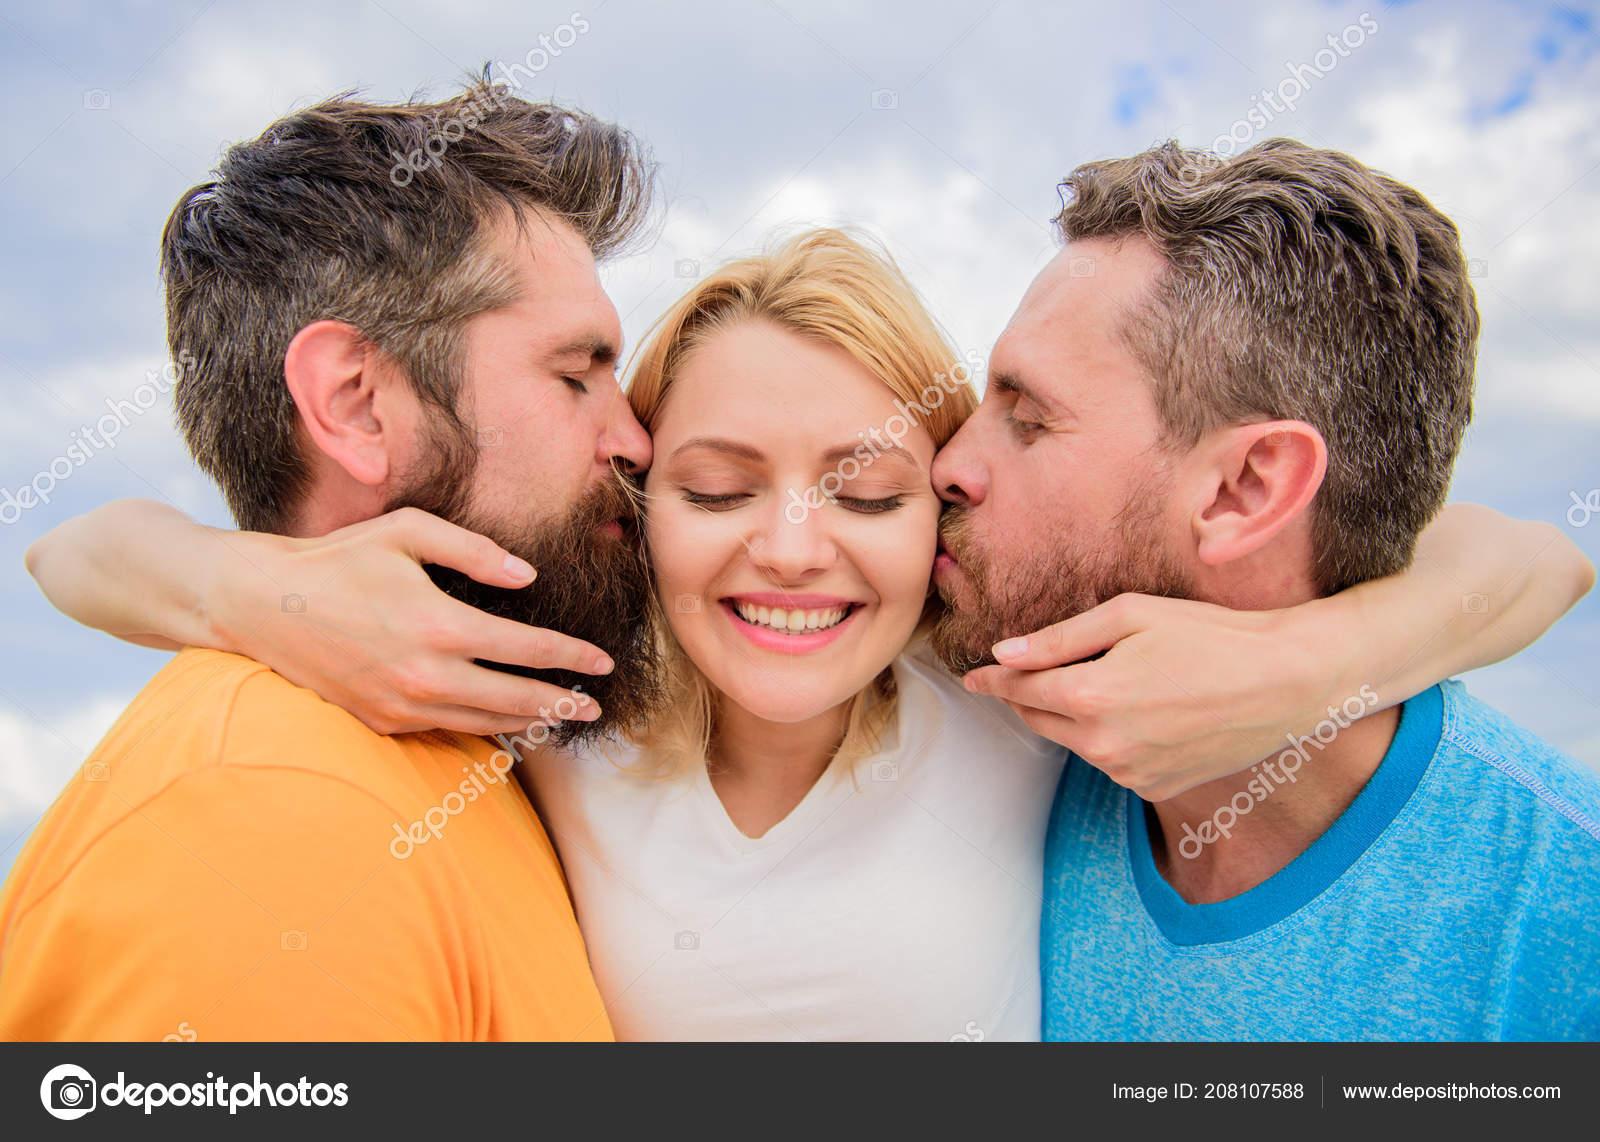 Фото саратова девушка с двумя парнями фото эротика